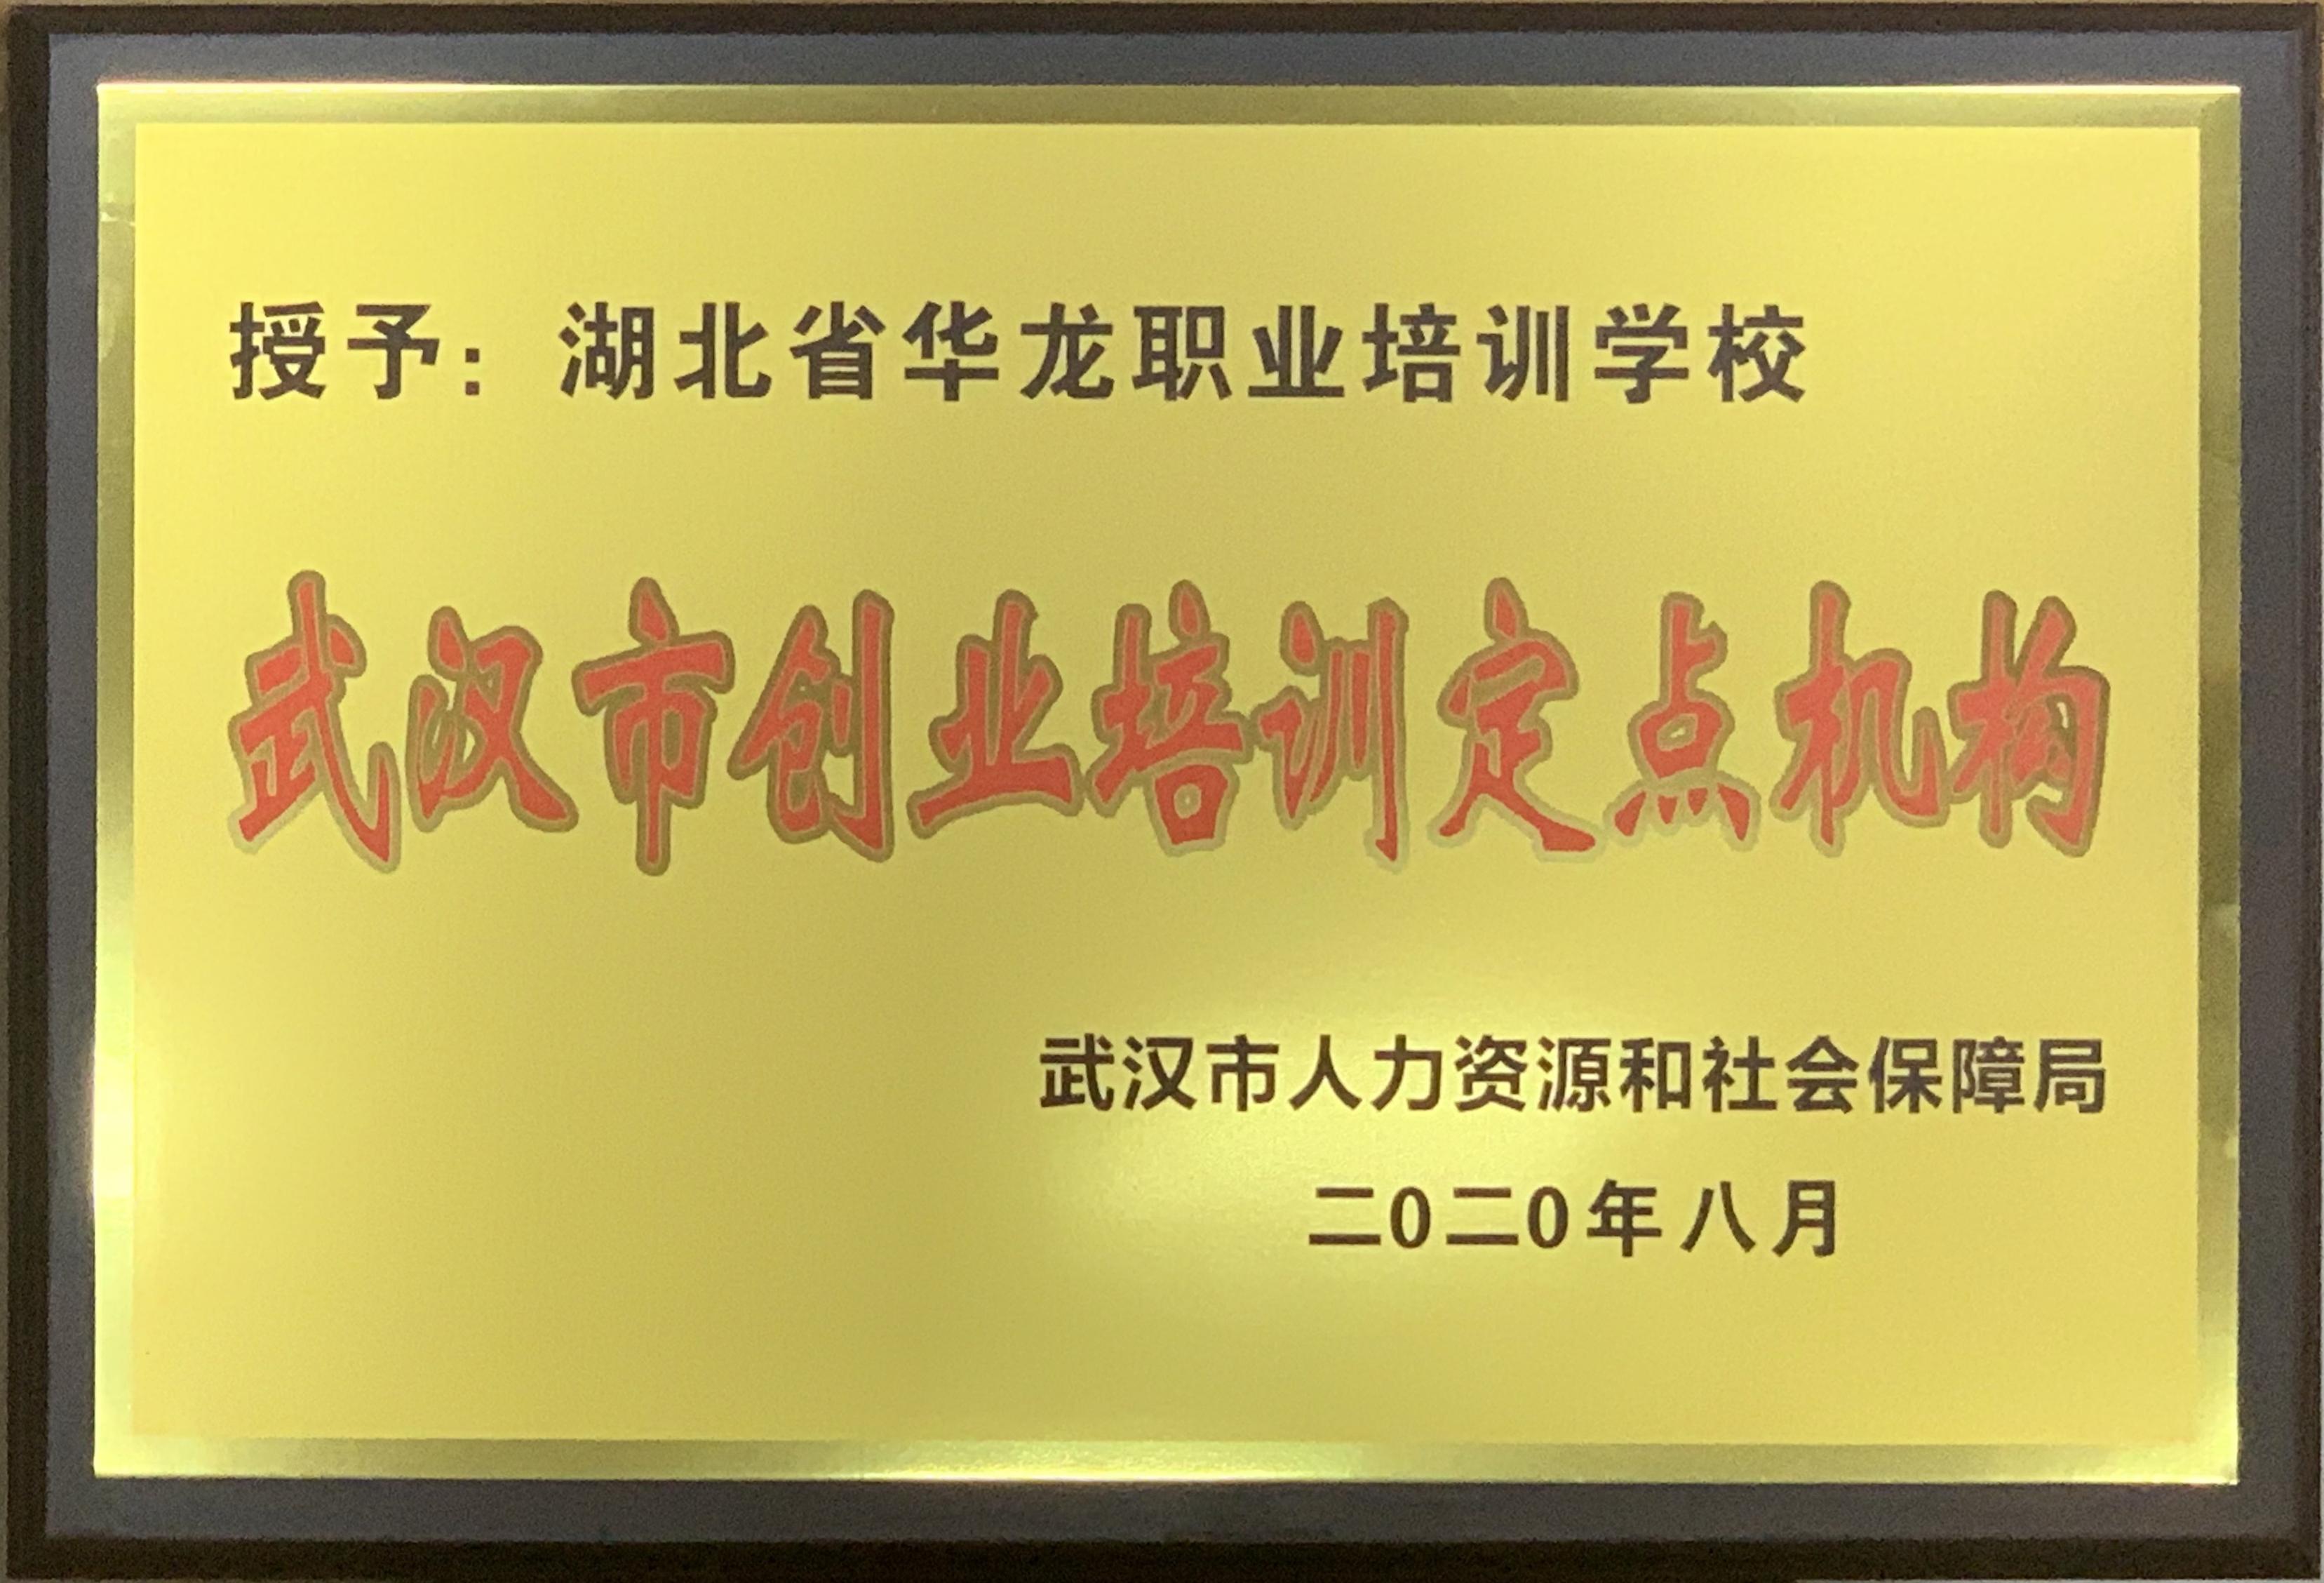 """华龙职校被认定为""""武汉市创业培训定点机构""""丨2020就业创业培训补贴政策解读"""